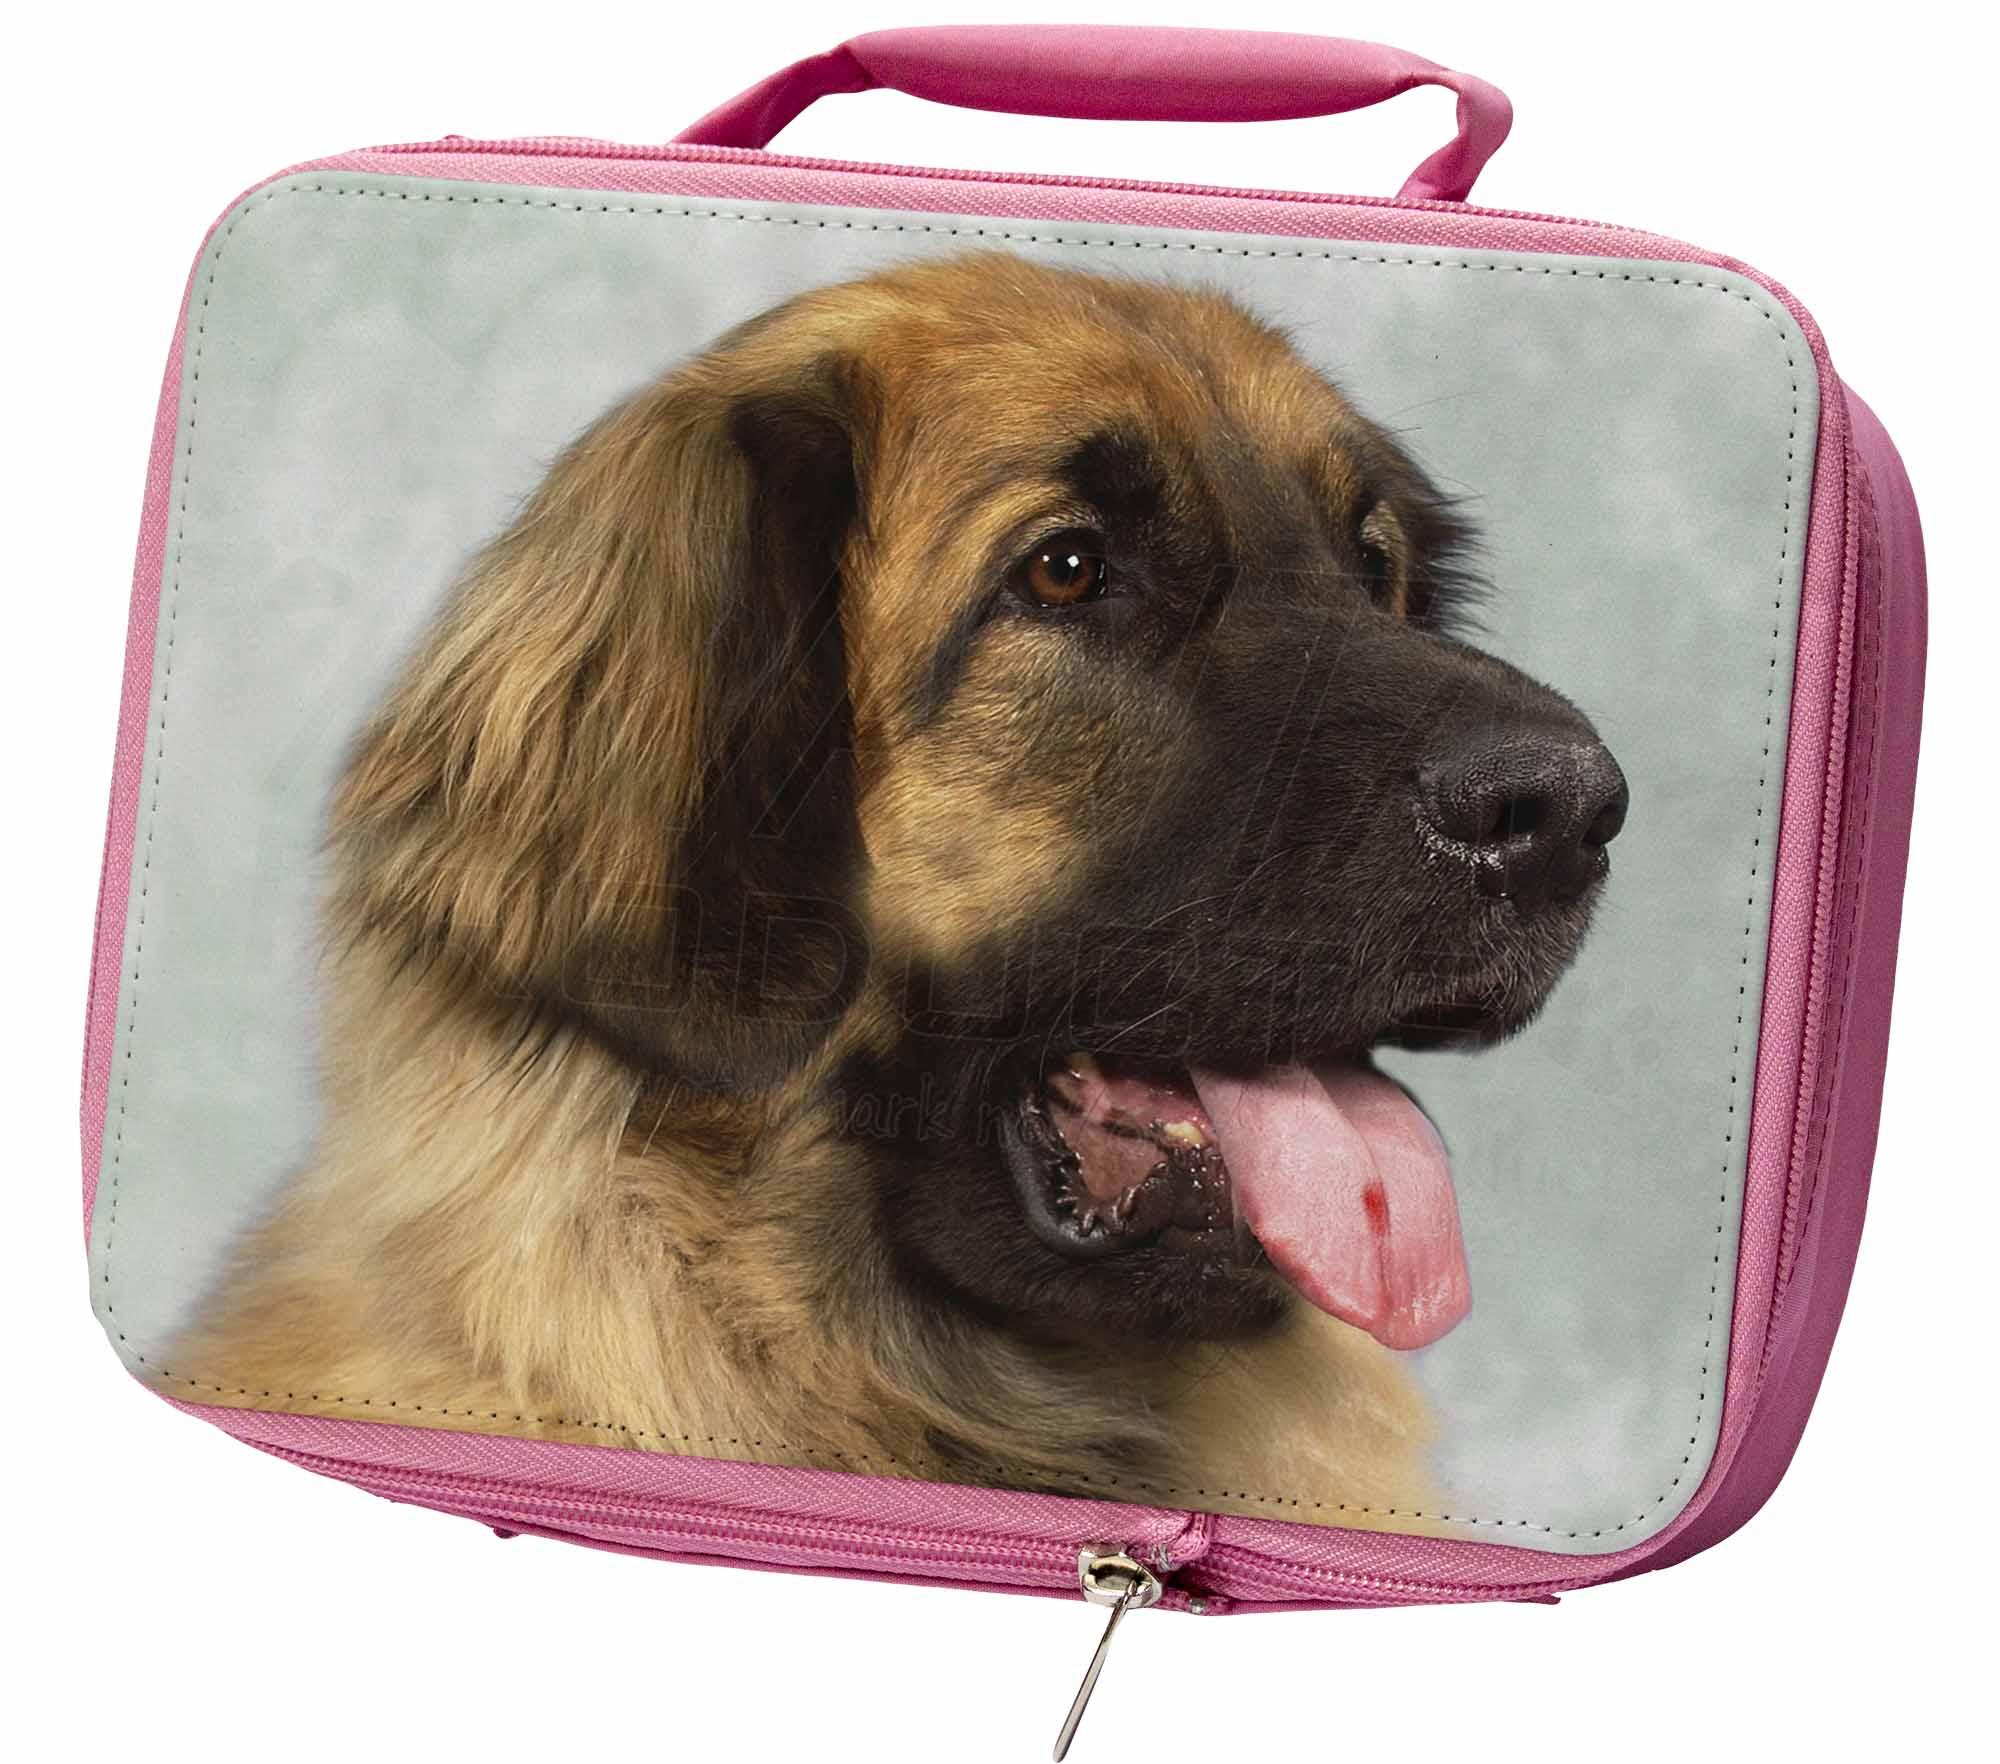 BIONDA LEONBERGER cane ERMETICA rosa scatola del pranzo per scuola